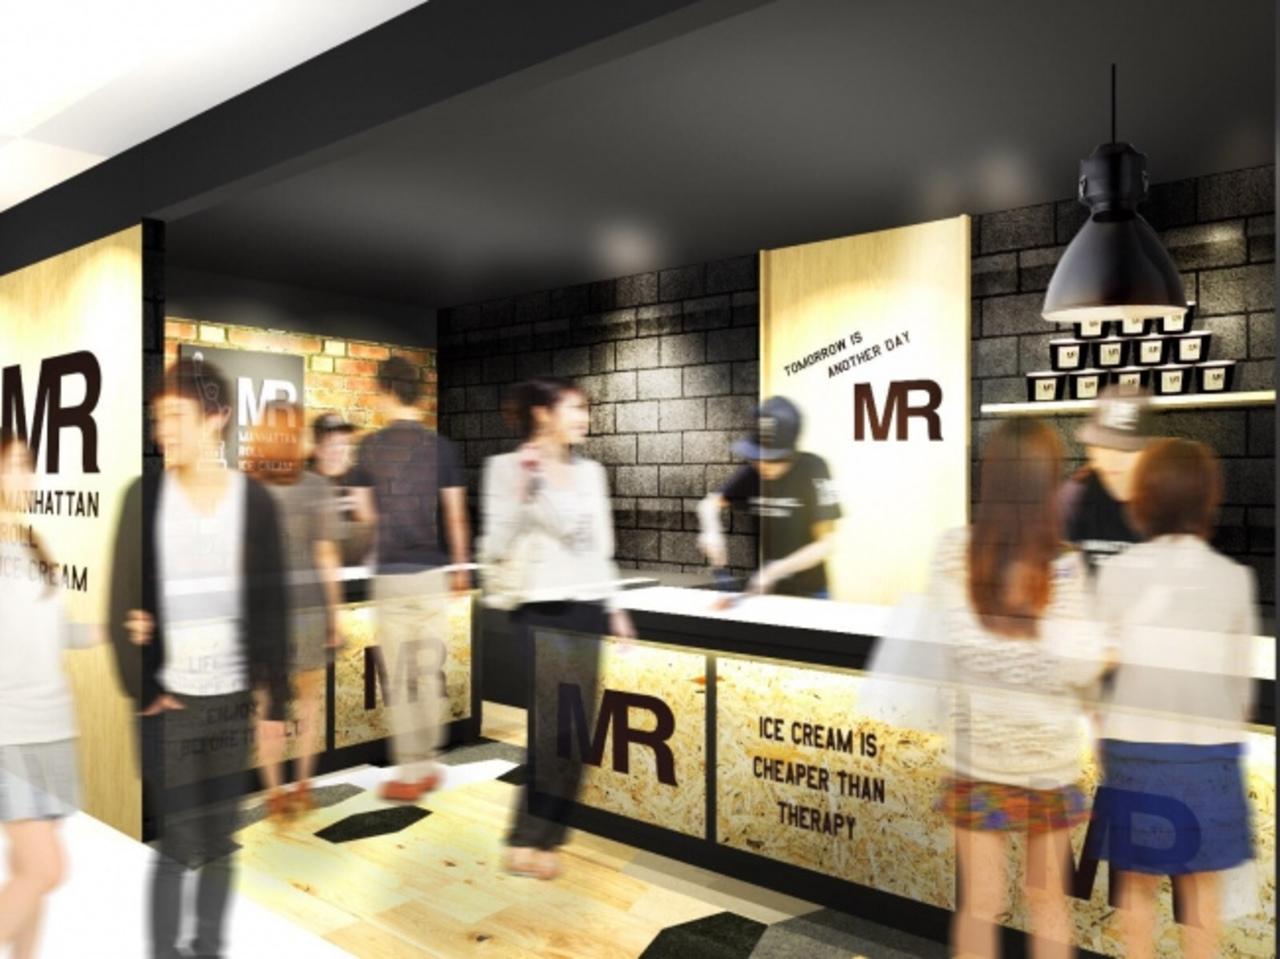 ロールアイス専門店「マンハッタンロールアイスクリーム 沖縄国際通り店」7月末頃オープン予定!